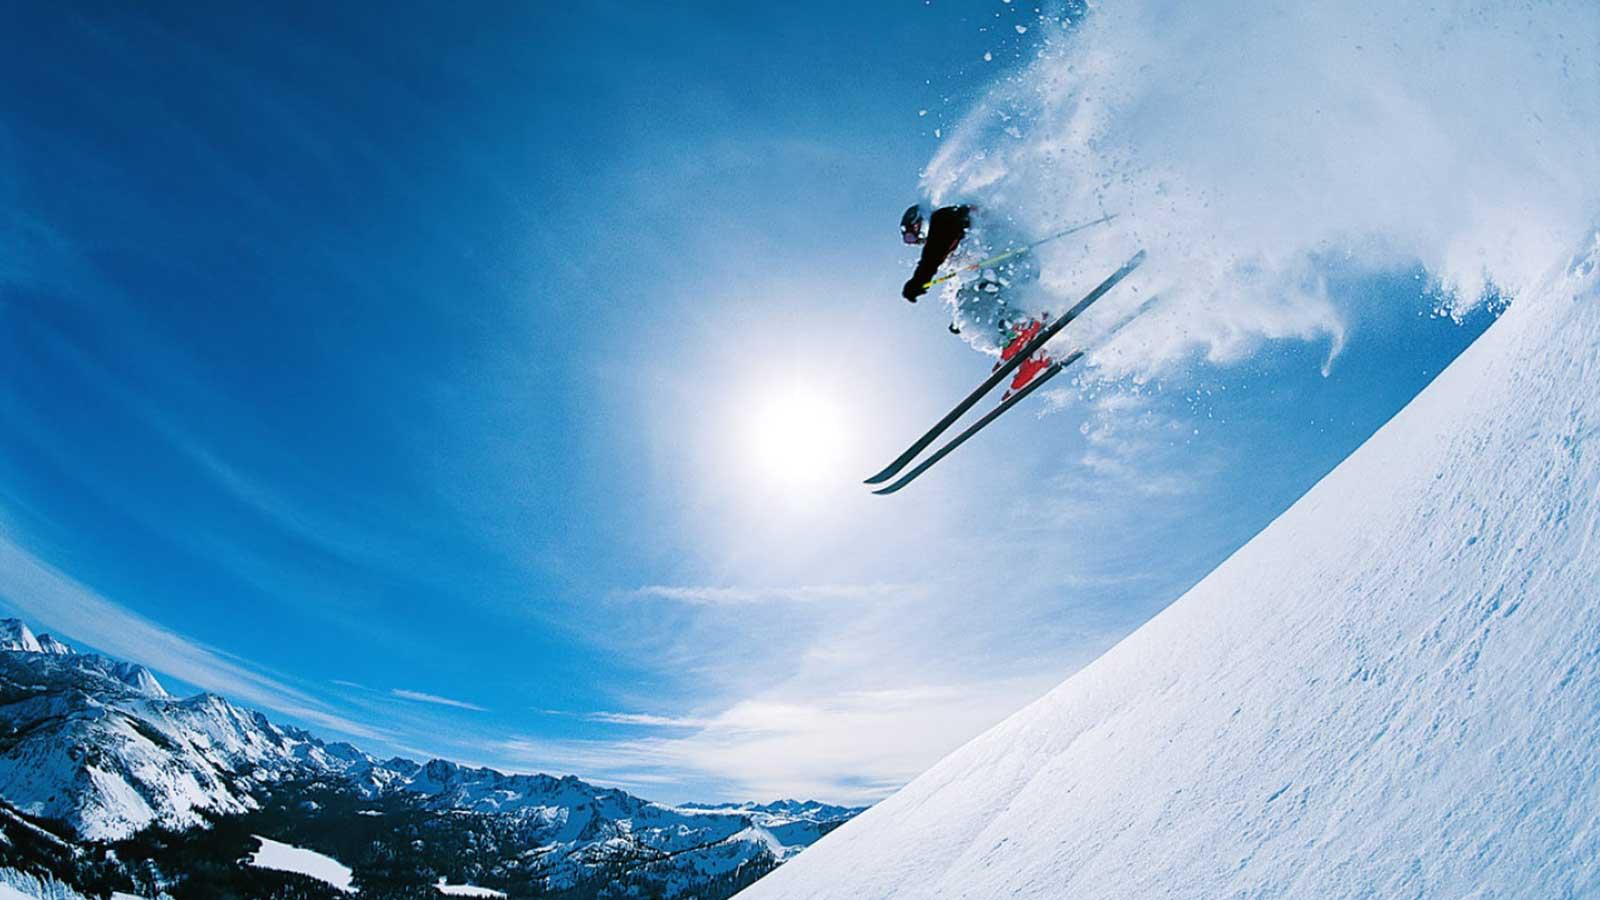 Kartalkaya Bolu Skiing